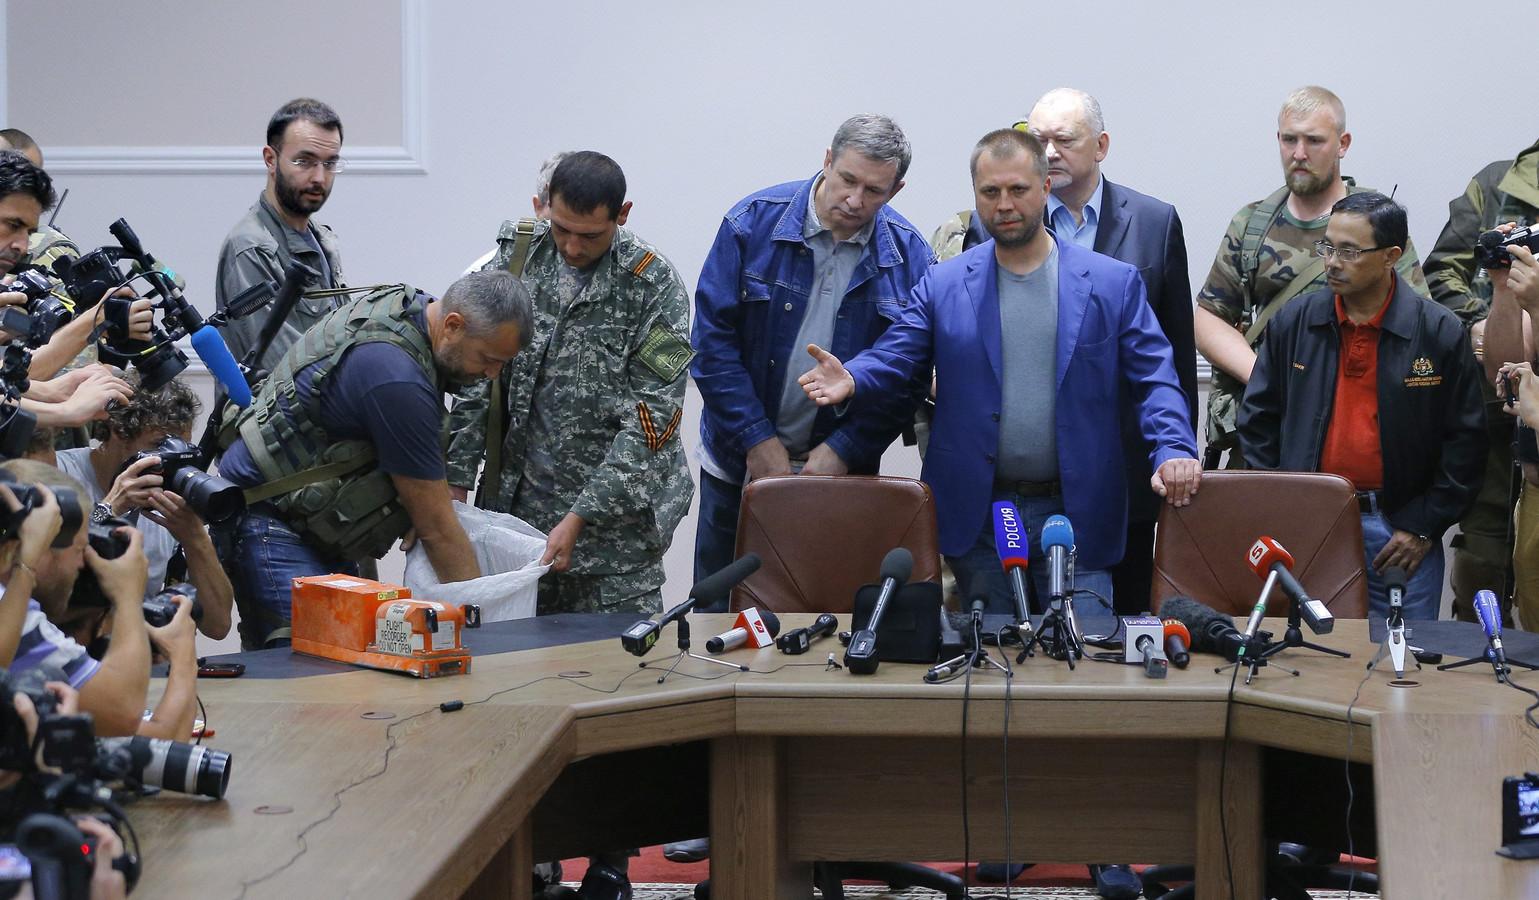 Premier' Aleksandr Borodaj (M) van de zelfuitgeroepen Volksrepubliek Donetsk draagt de zwarte dozen van het rampvliegtuig MH17 van Malaysia Airlines over aan een Maleisische delegatie. In de zwarte dozen worden de vluchtgegevens en de gesprekken in de cockpit opgeslagen.